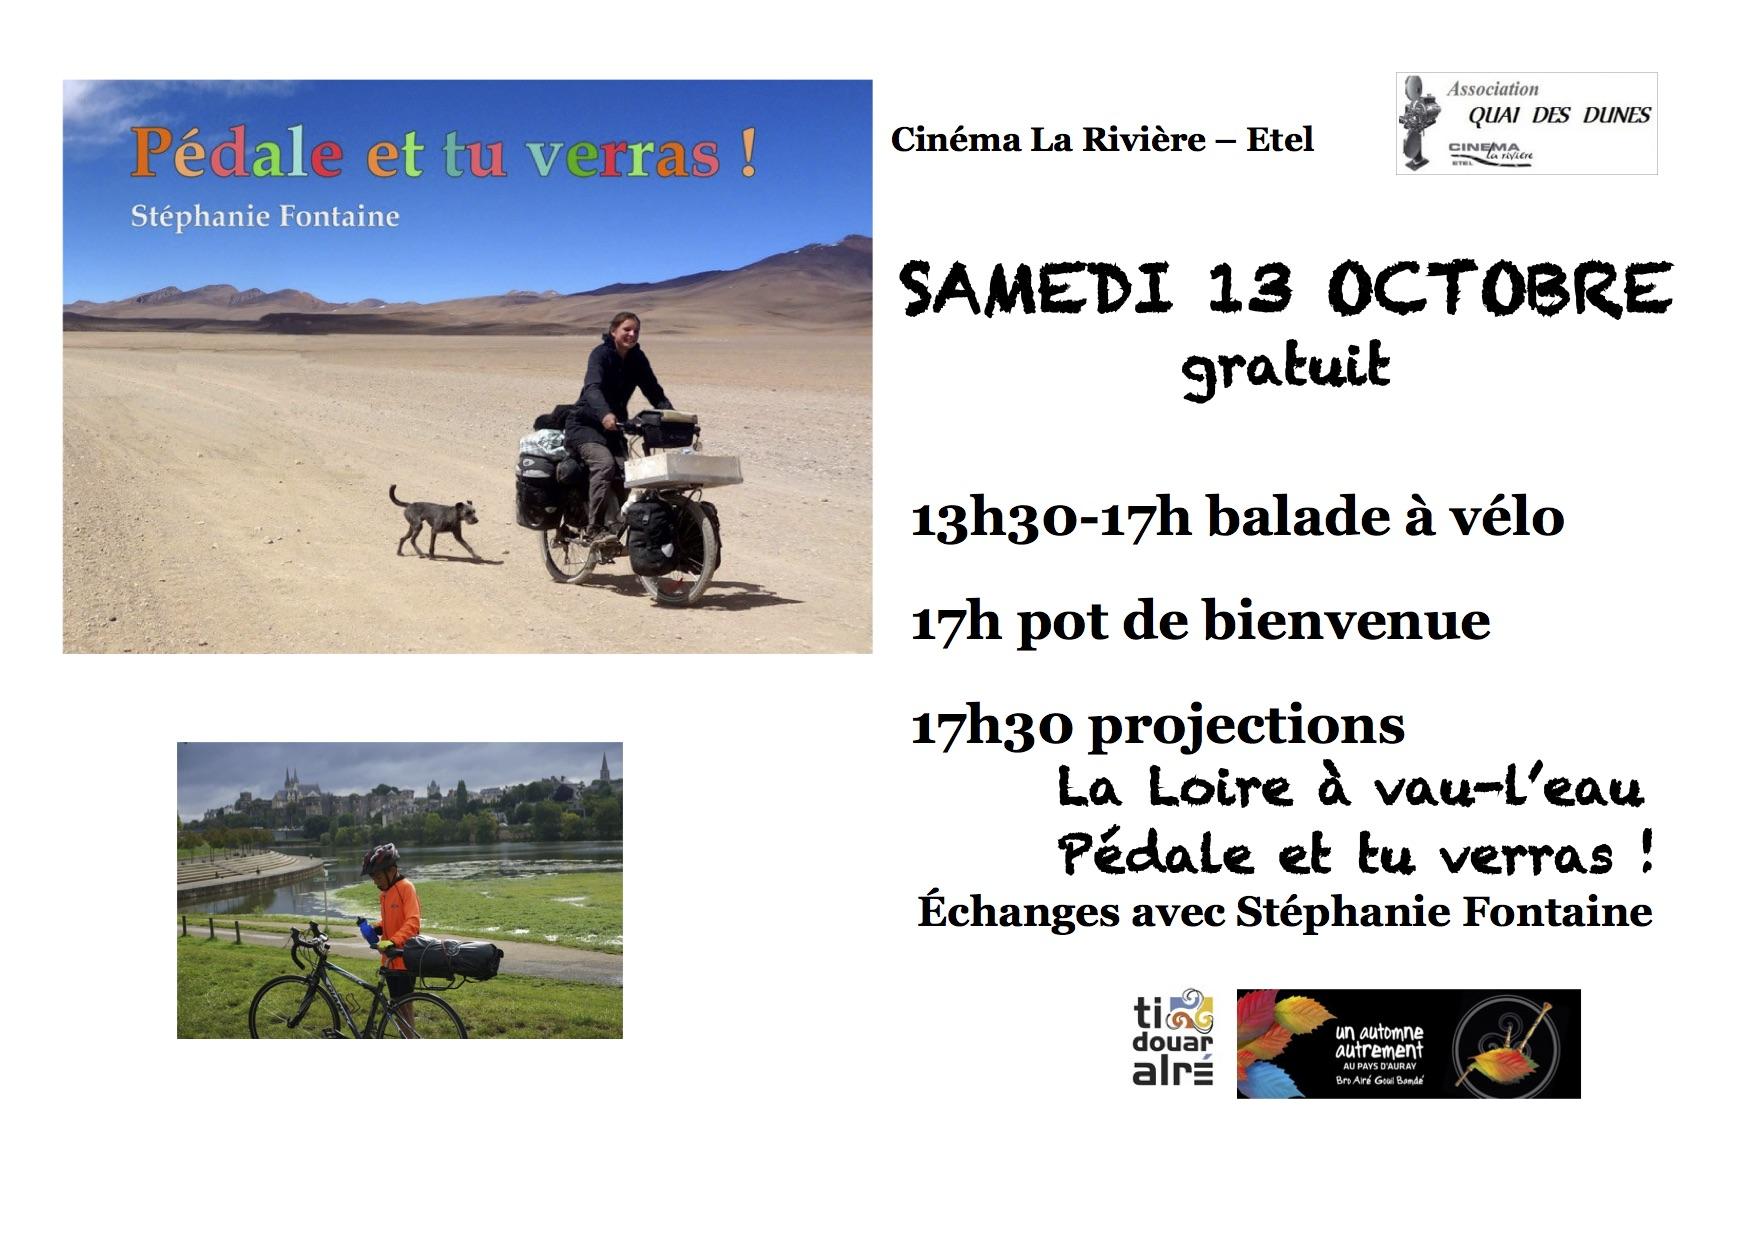 Projection à Etel (56) le samedi 13 octobre à 17h